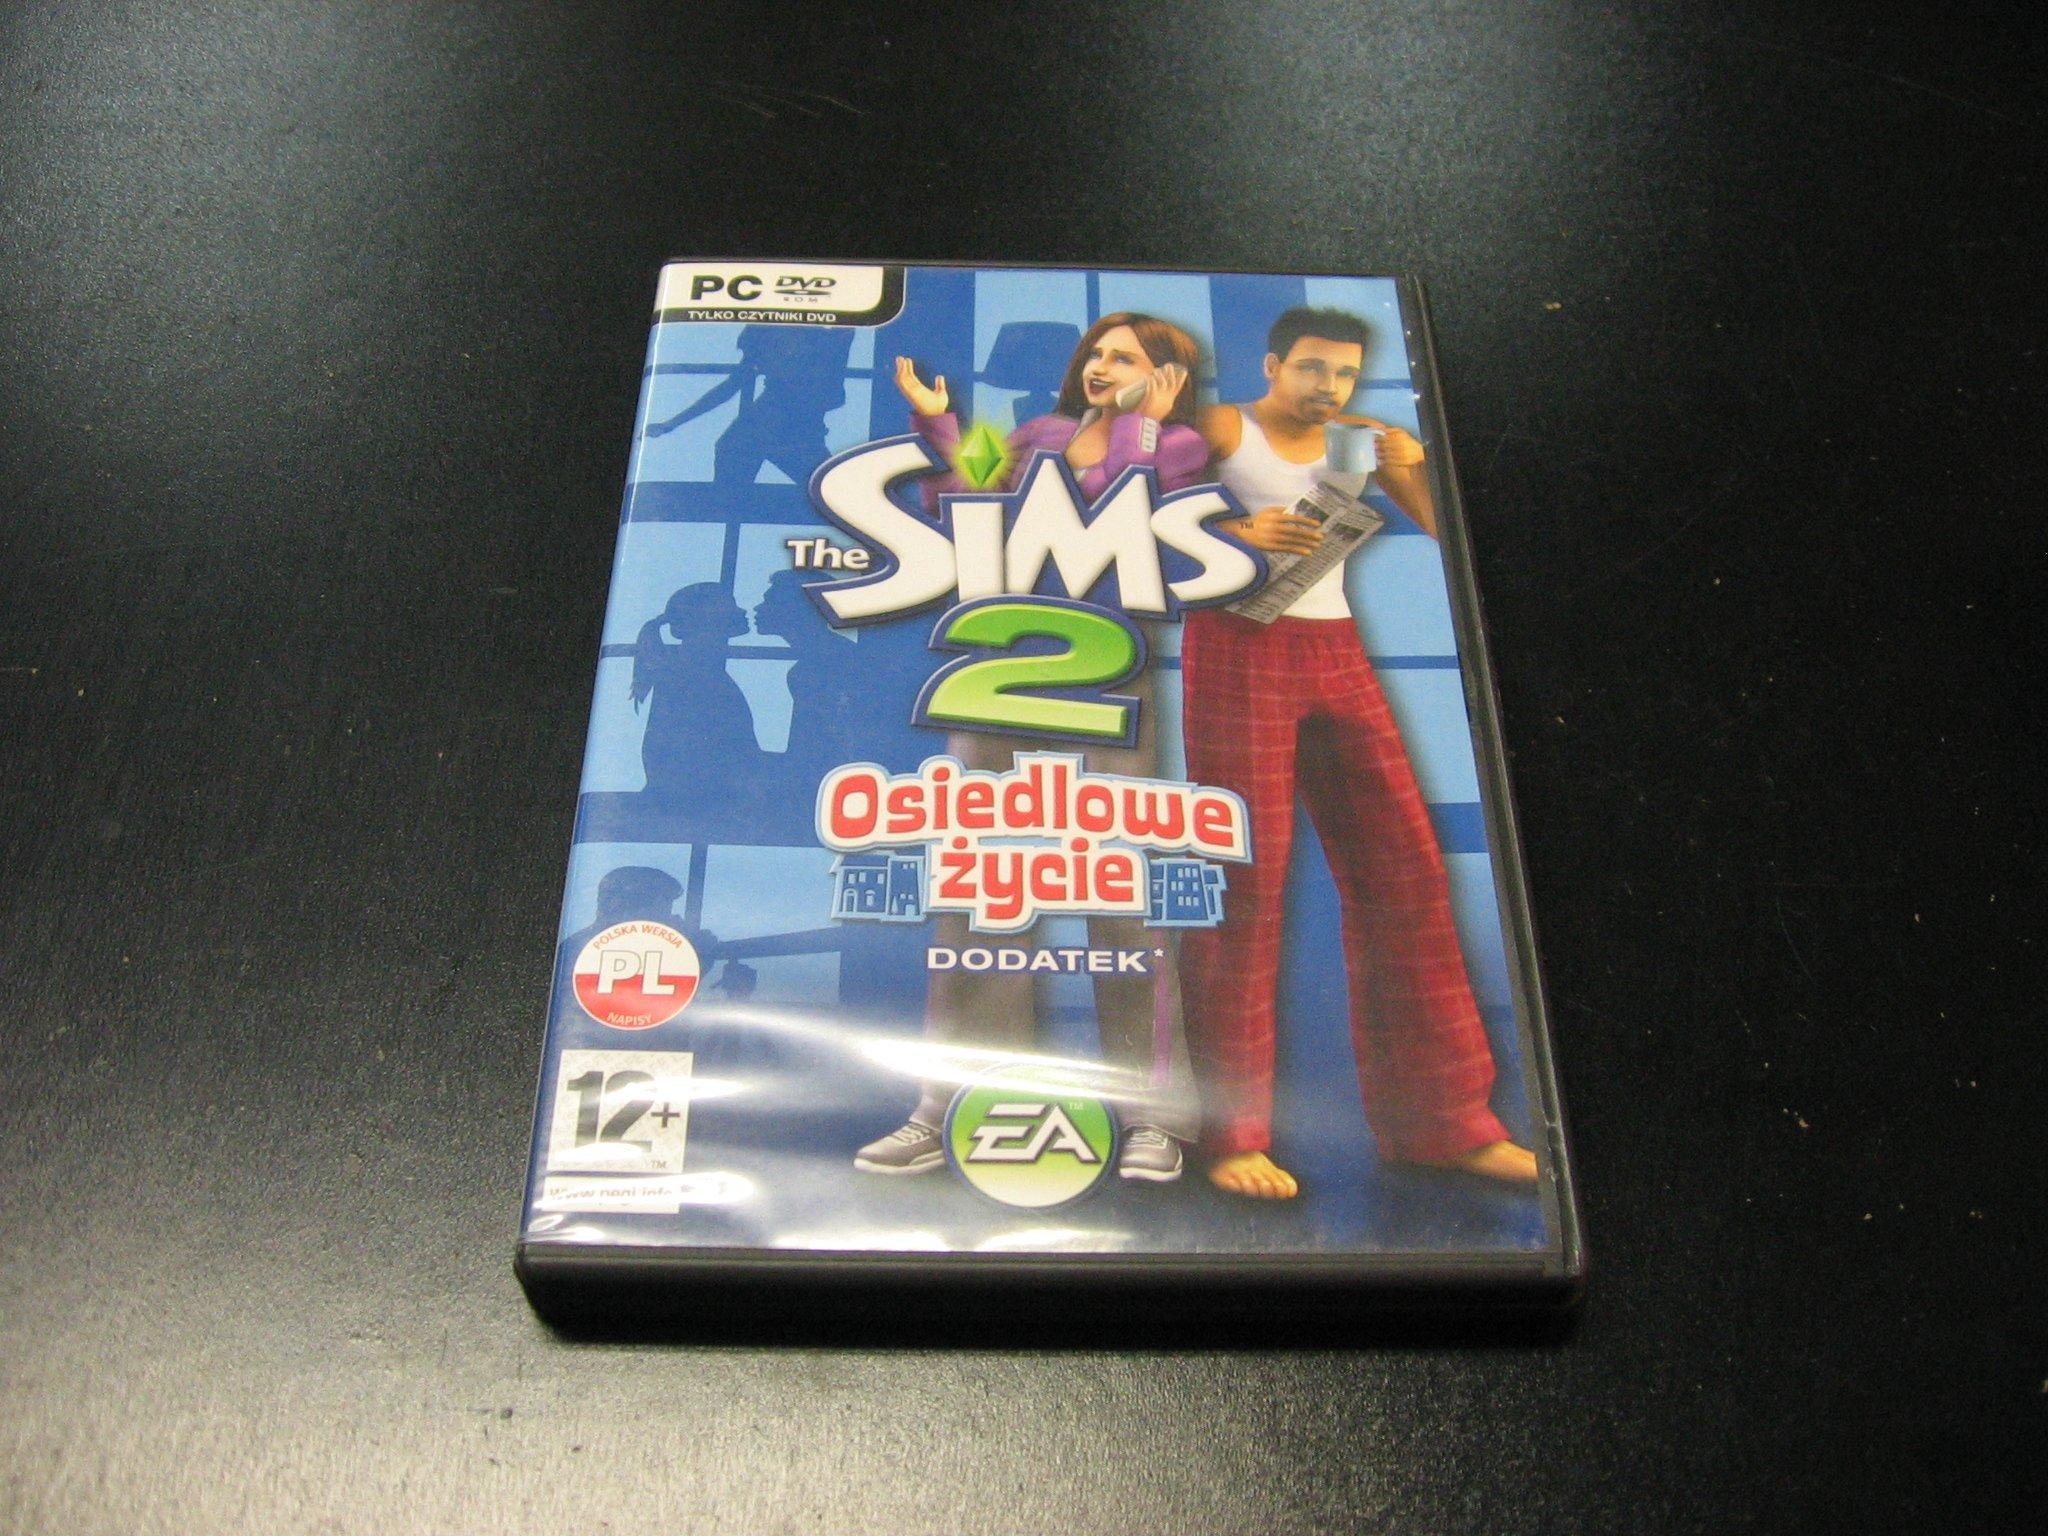 The Sims 2 Osiedlowe Życie PL - GRA PC 0123